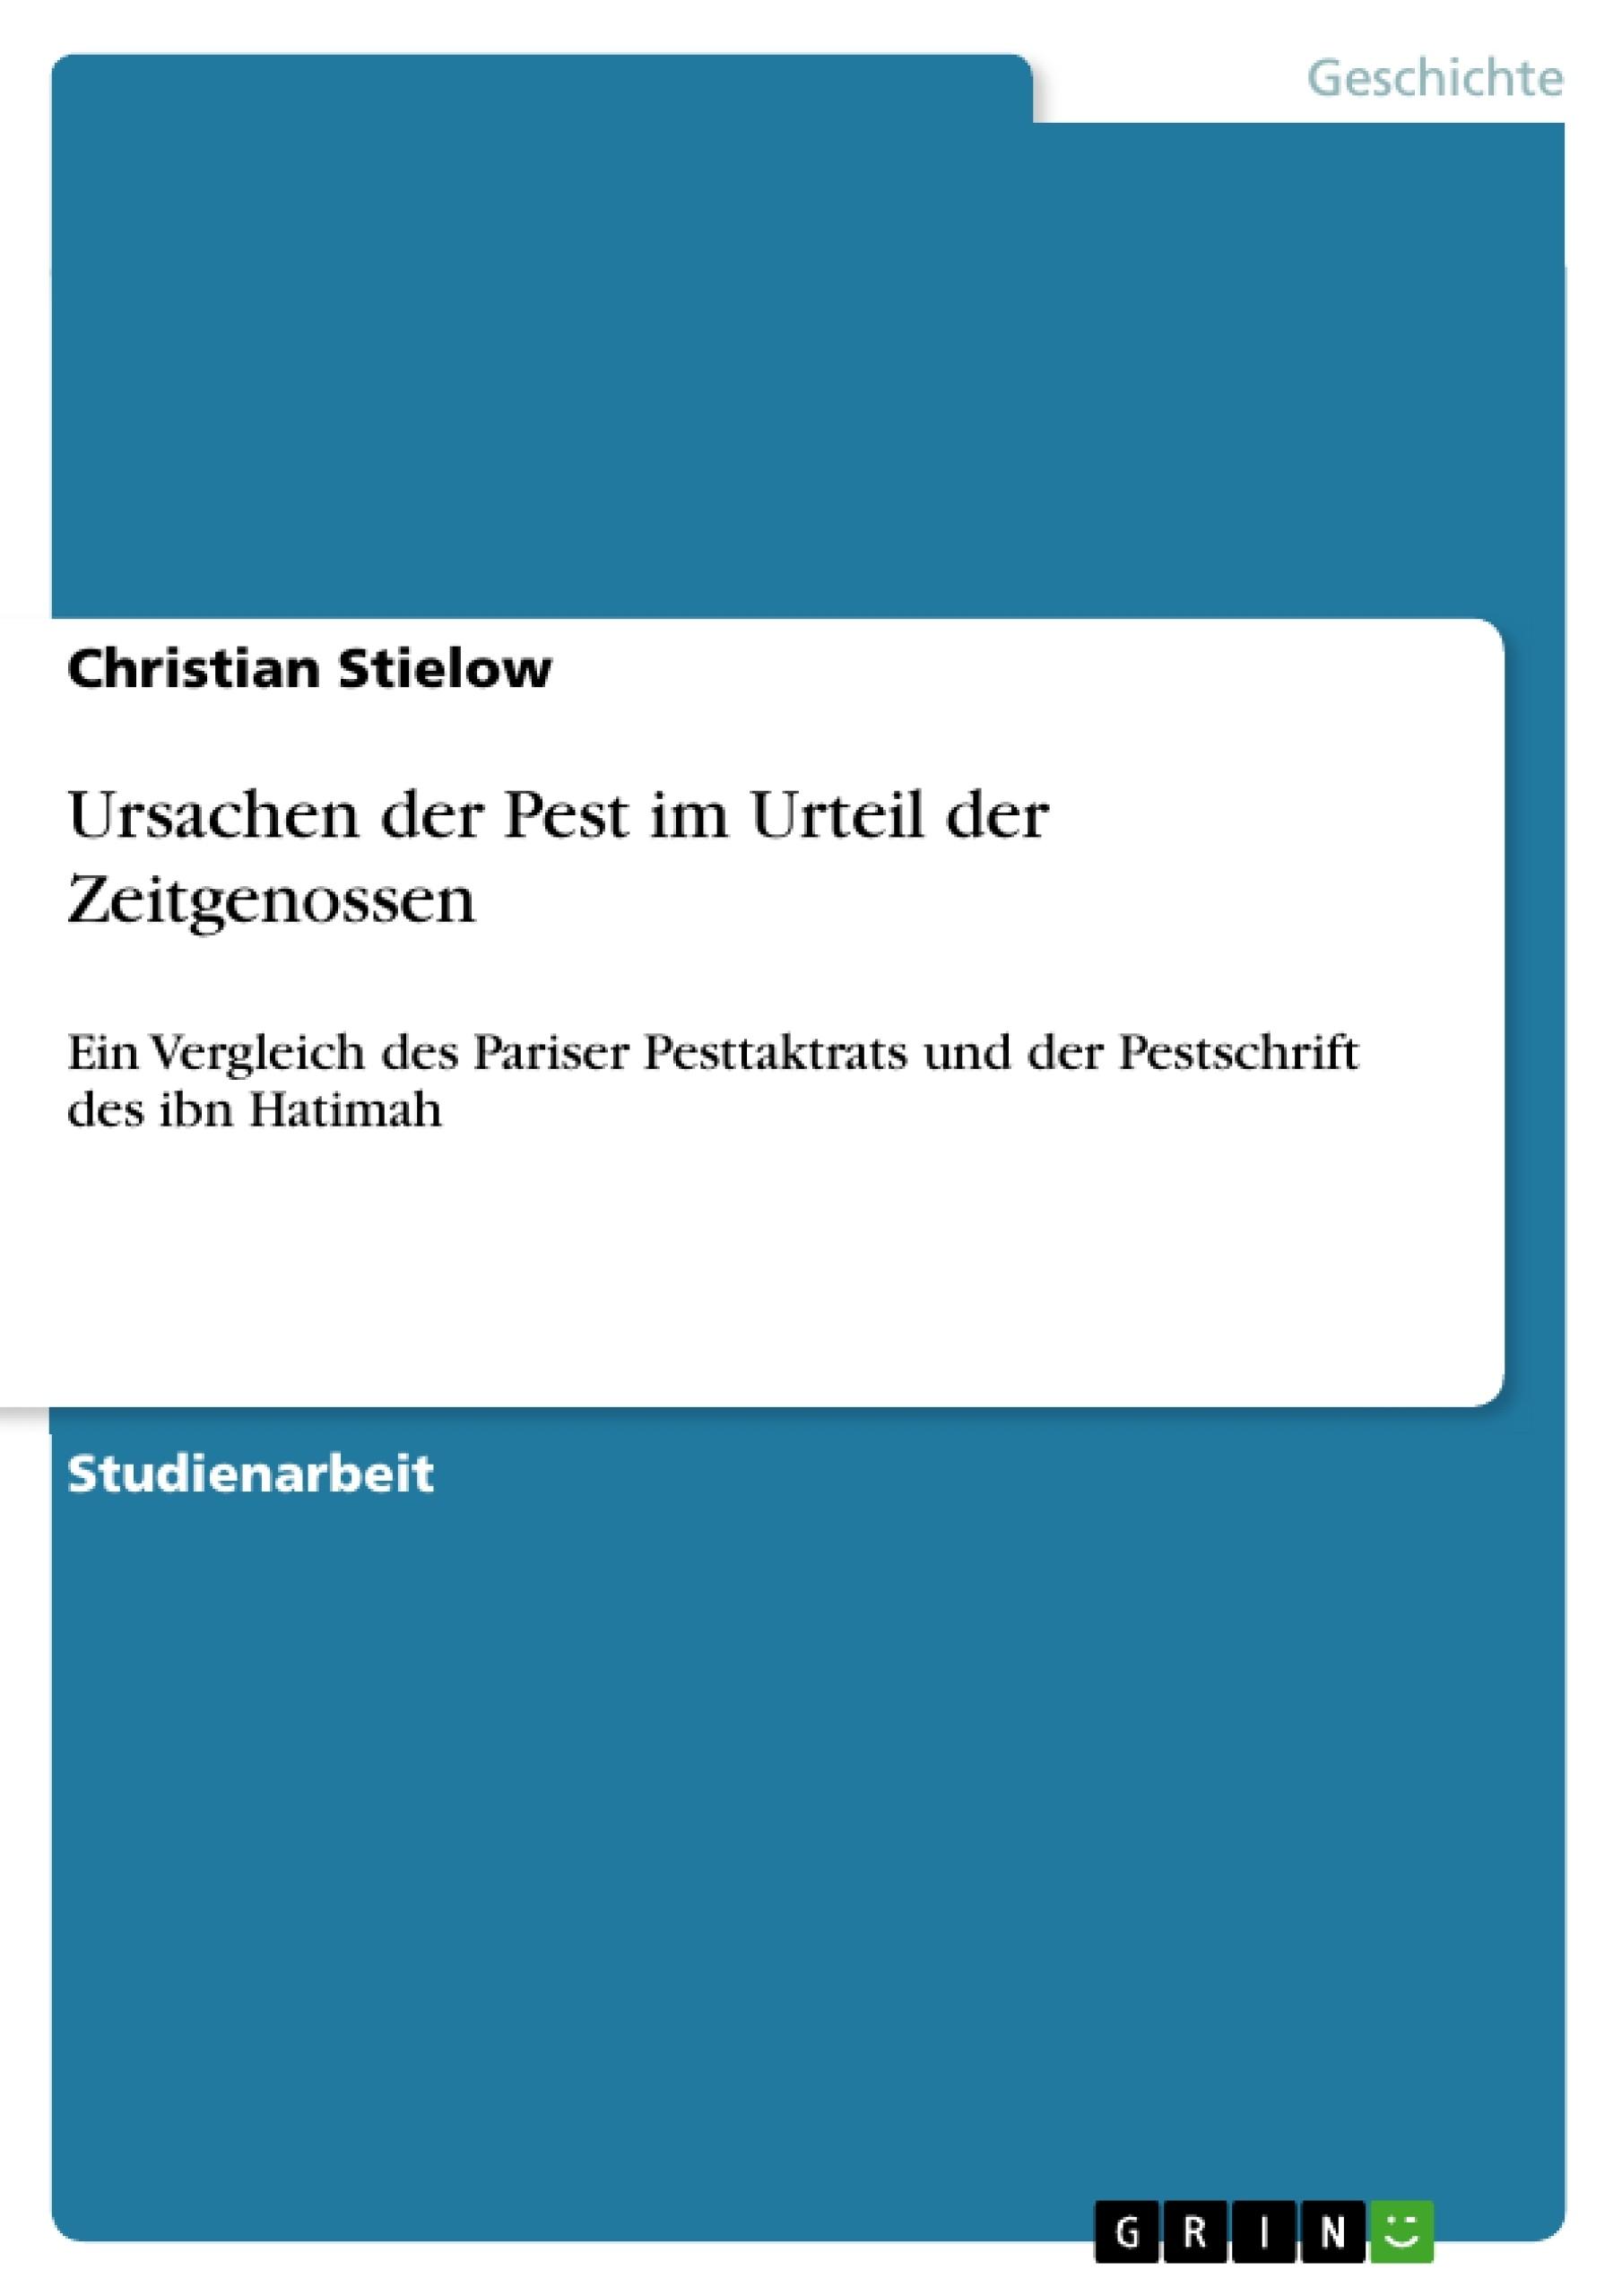 Titel: Ursachen der Pest im Urteil der Zeitgenossen